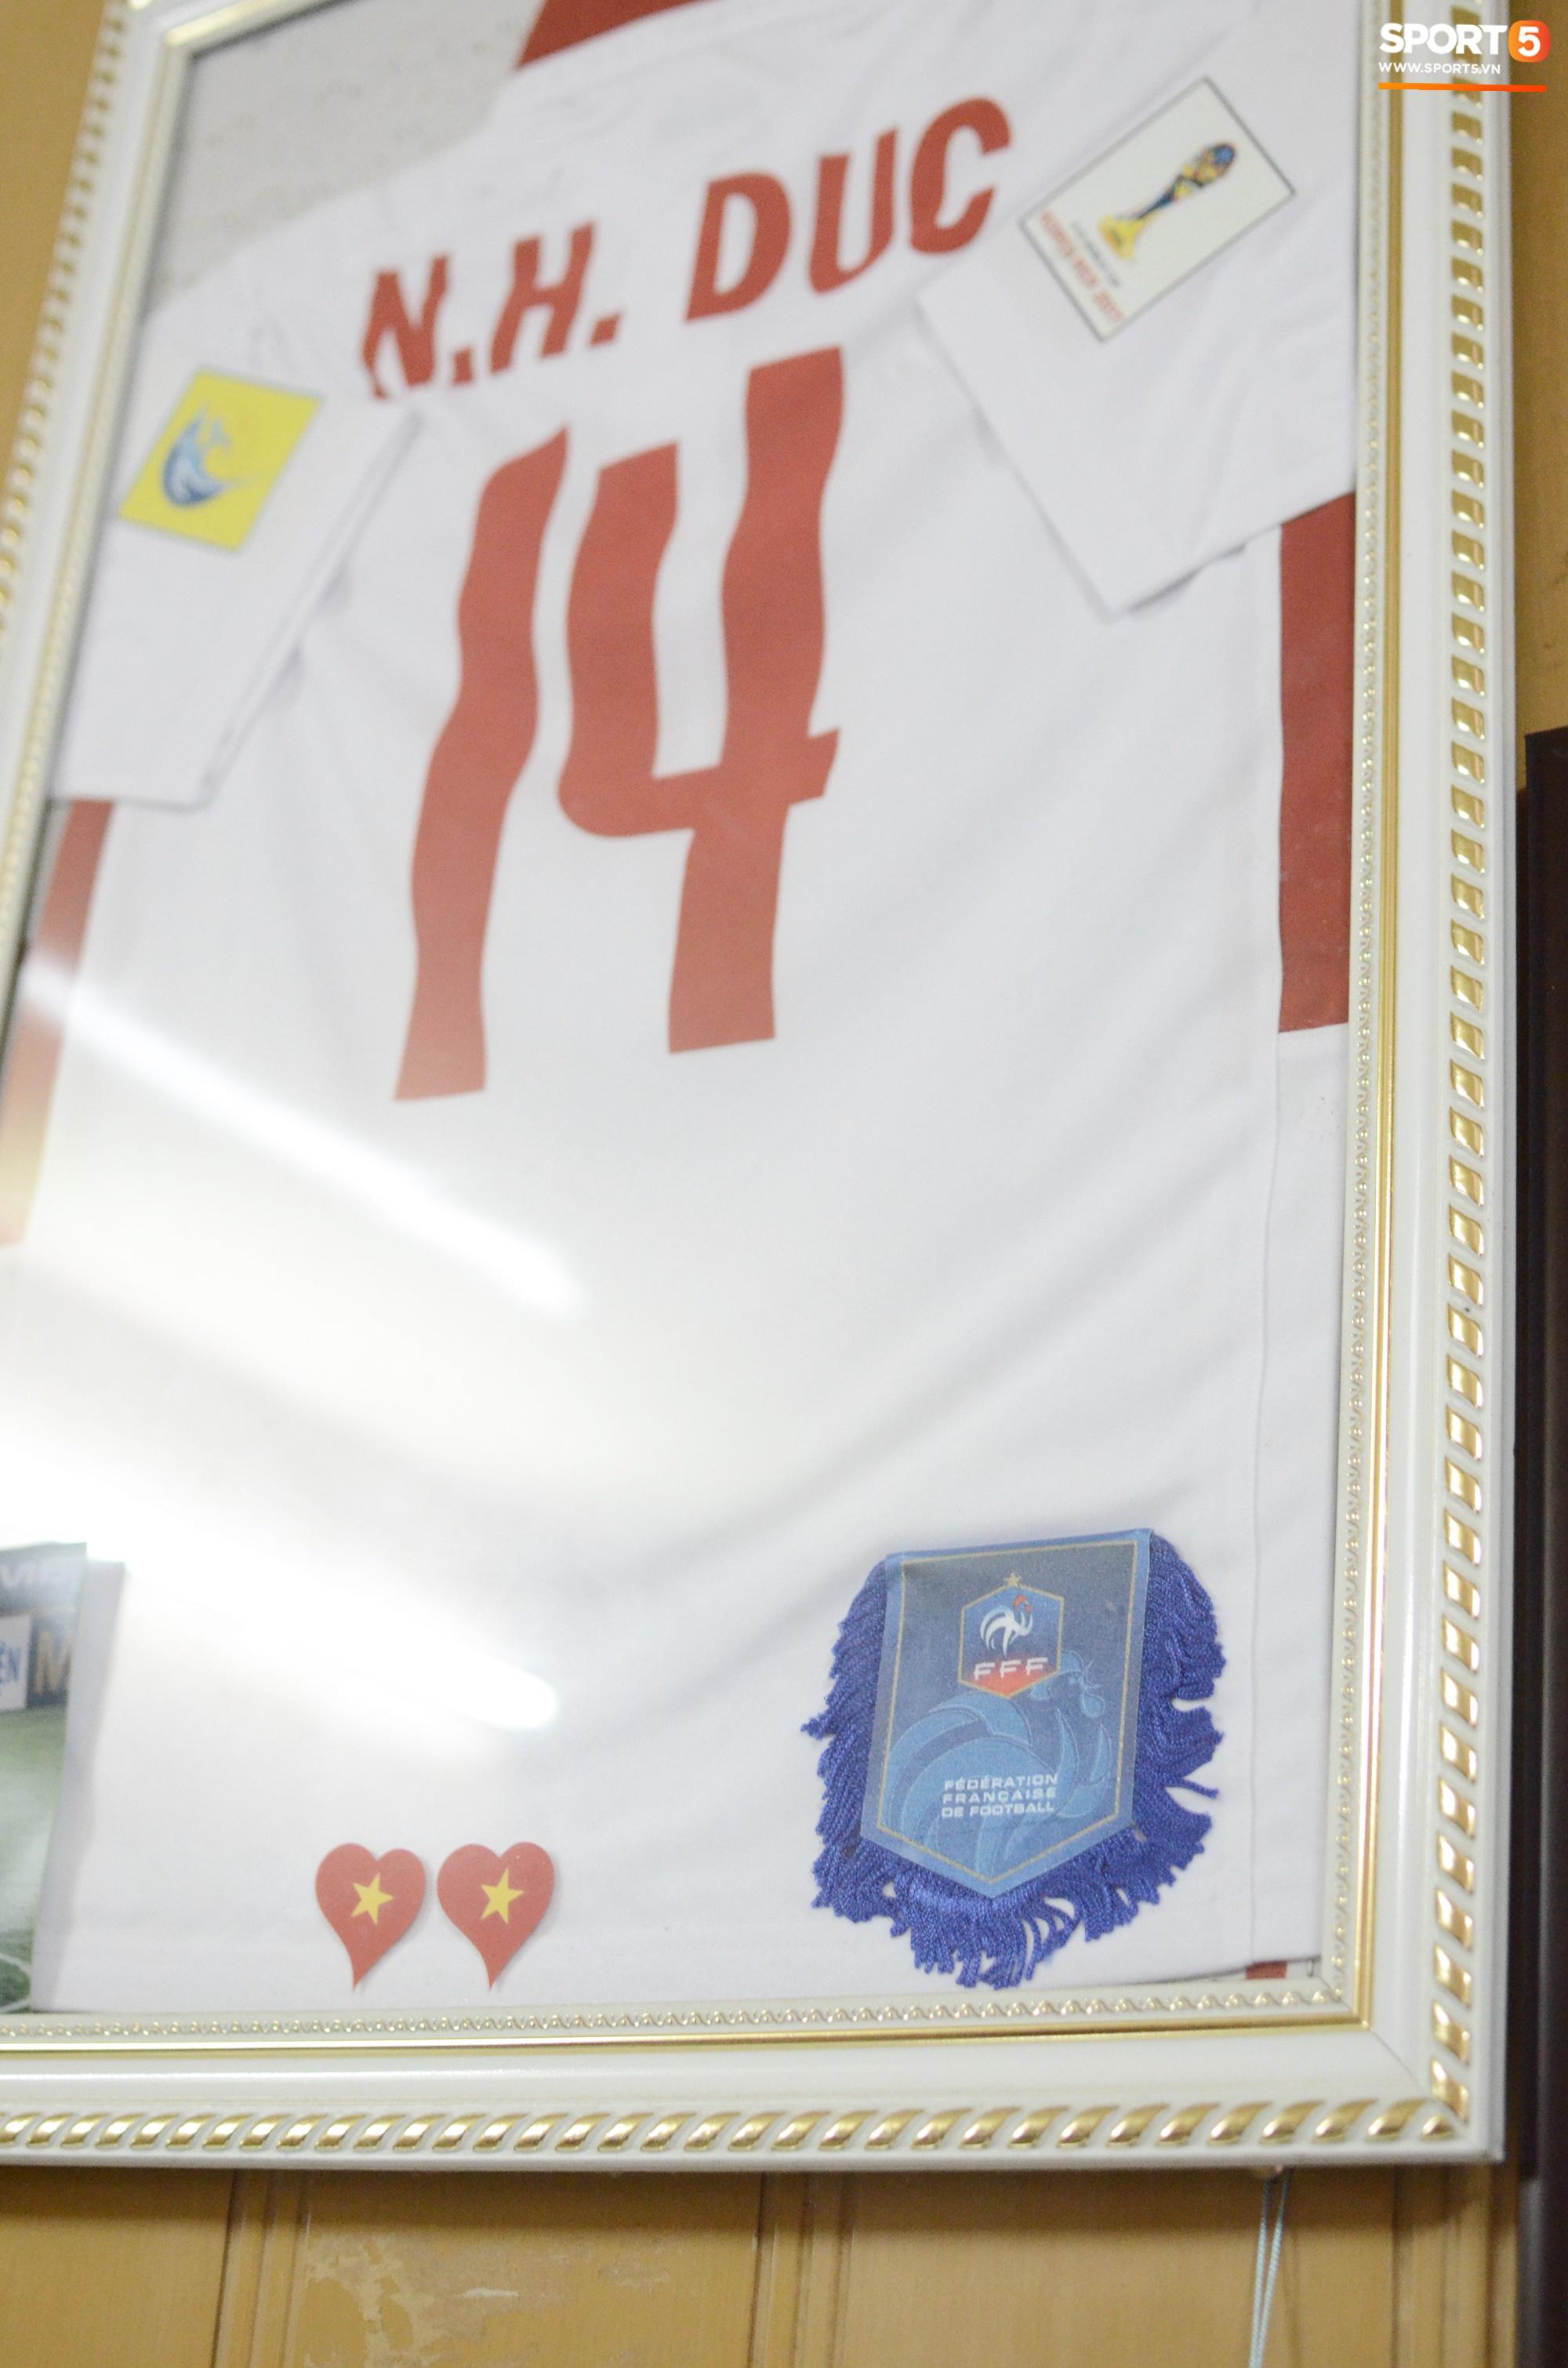 Về thăm nhà người hùng U22 Việt Nam, Nguyễn Hoàng Đức: Tràn ngập kỷ vật World Cup và những bức ảnh thời trẻ trâu hết sức dễ thương - Ảnh 4.